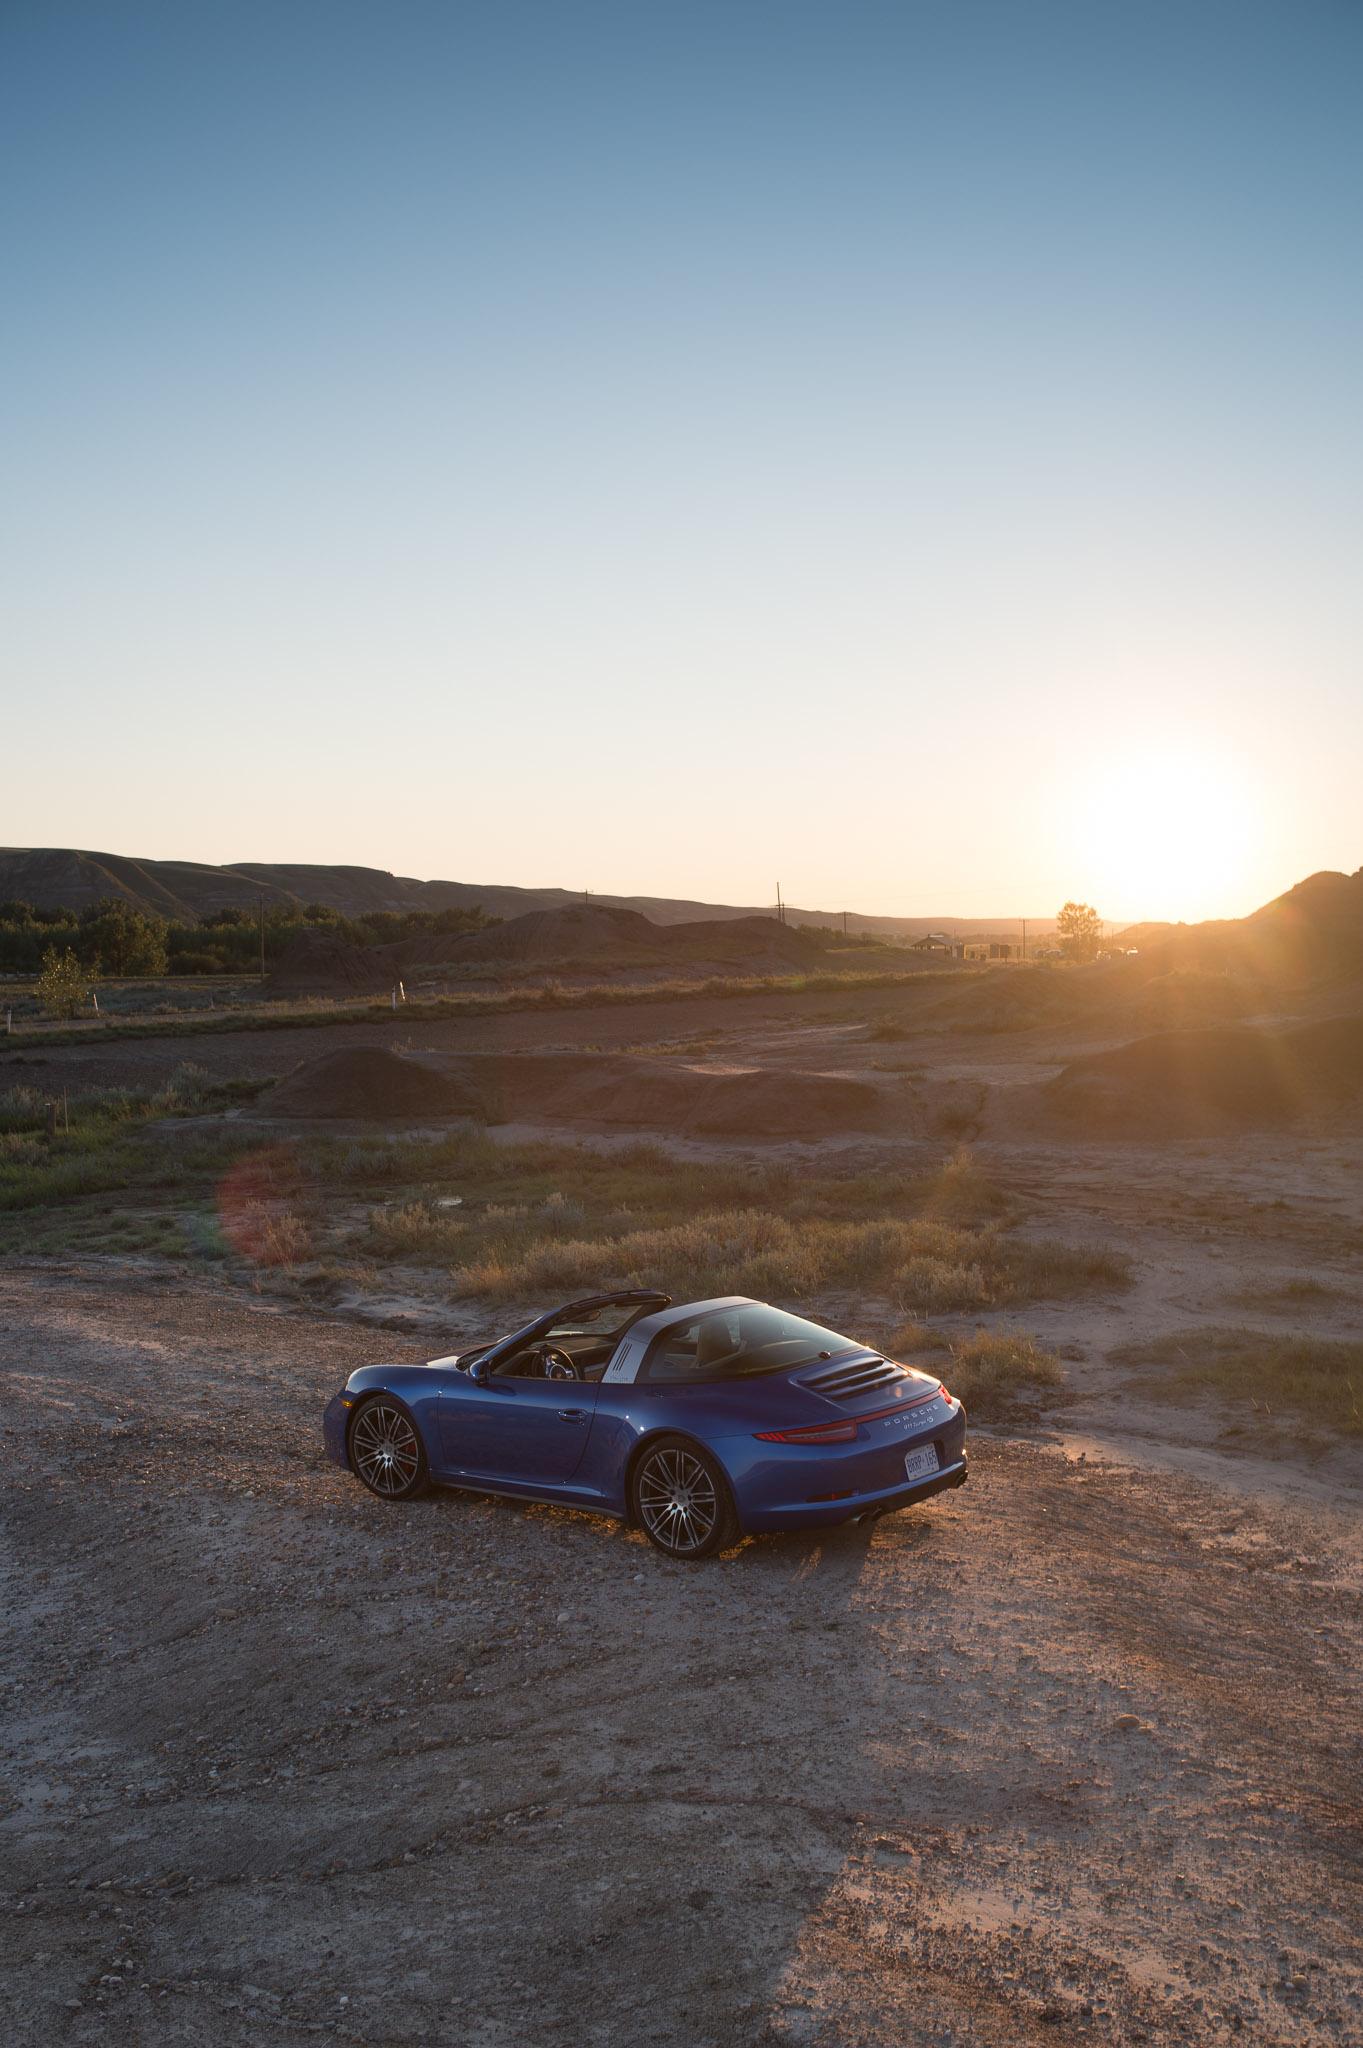 Robert Albertin Photography-Blue Porsche Targa 4S-Before.jpg